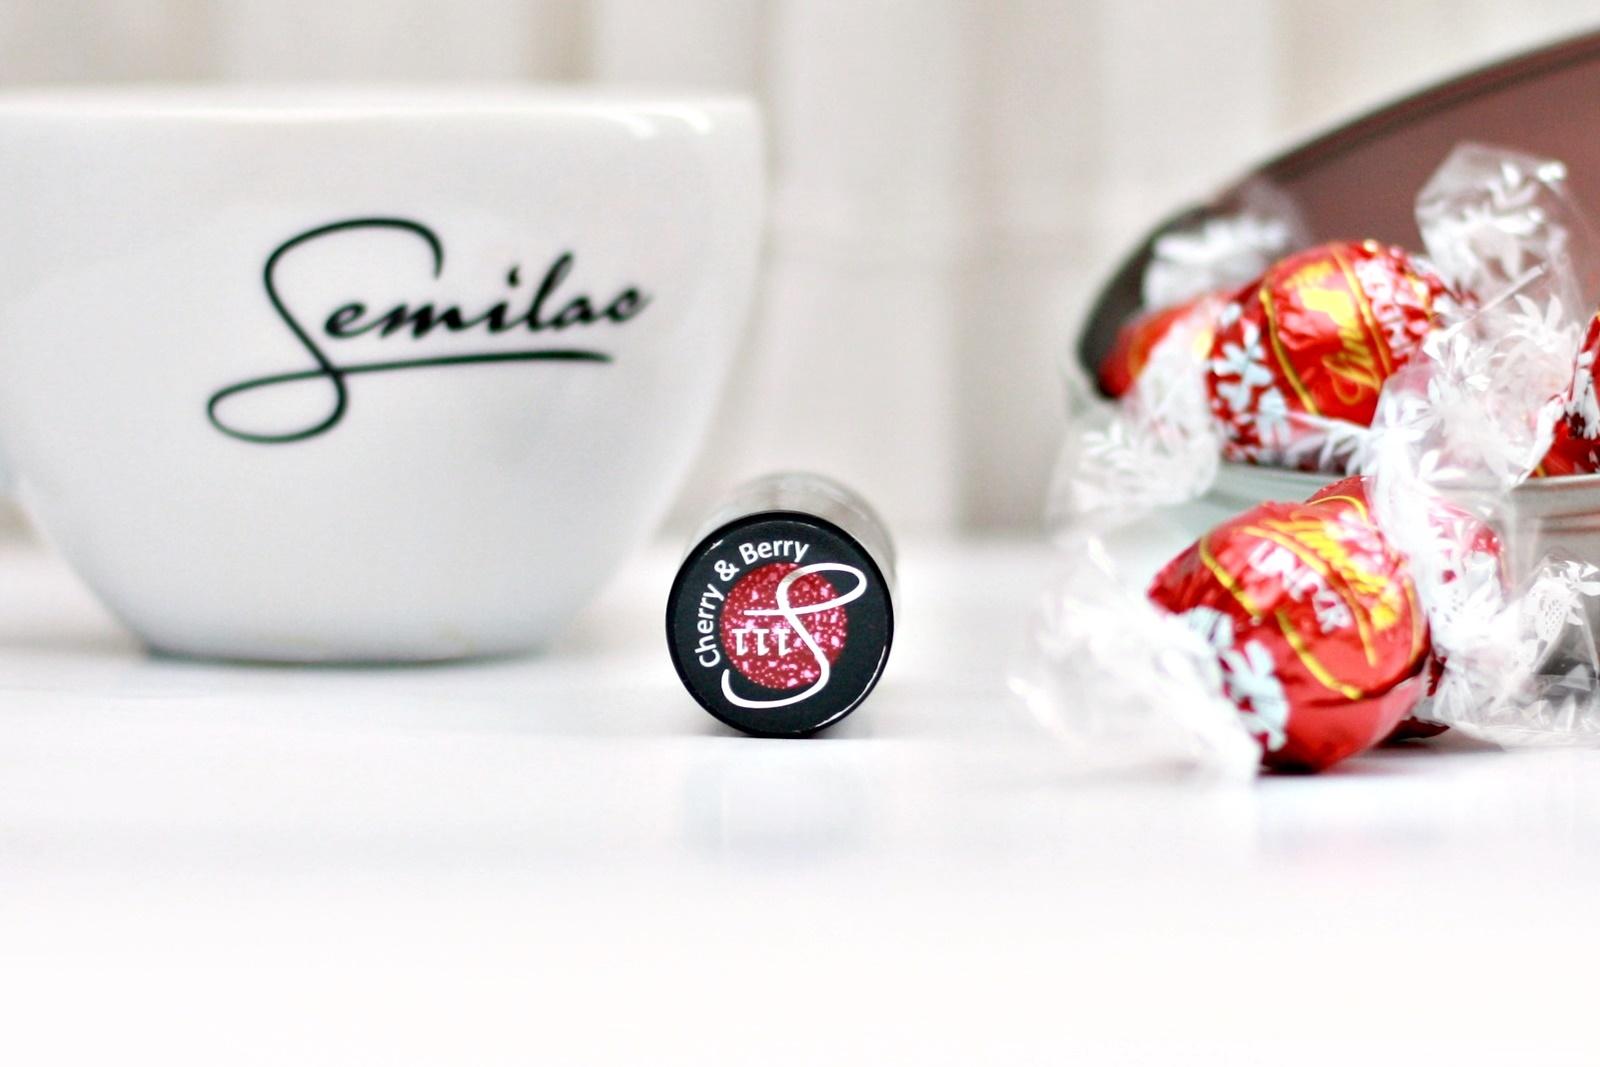 Kolejny Semilike - Semilac Cherry&Berry {jak się prezentuje?}